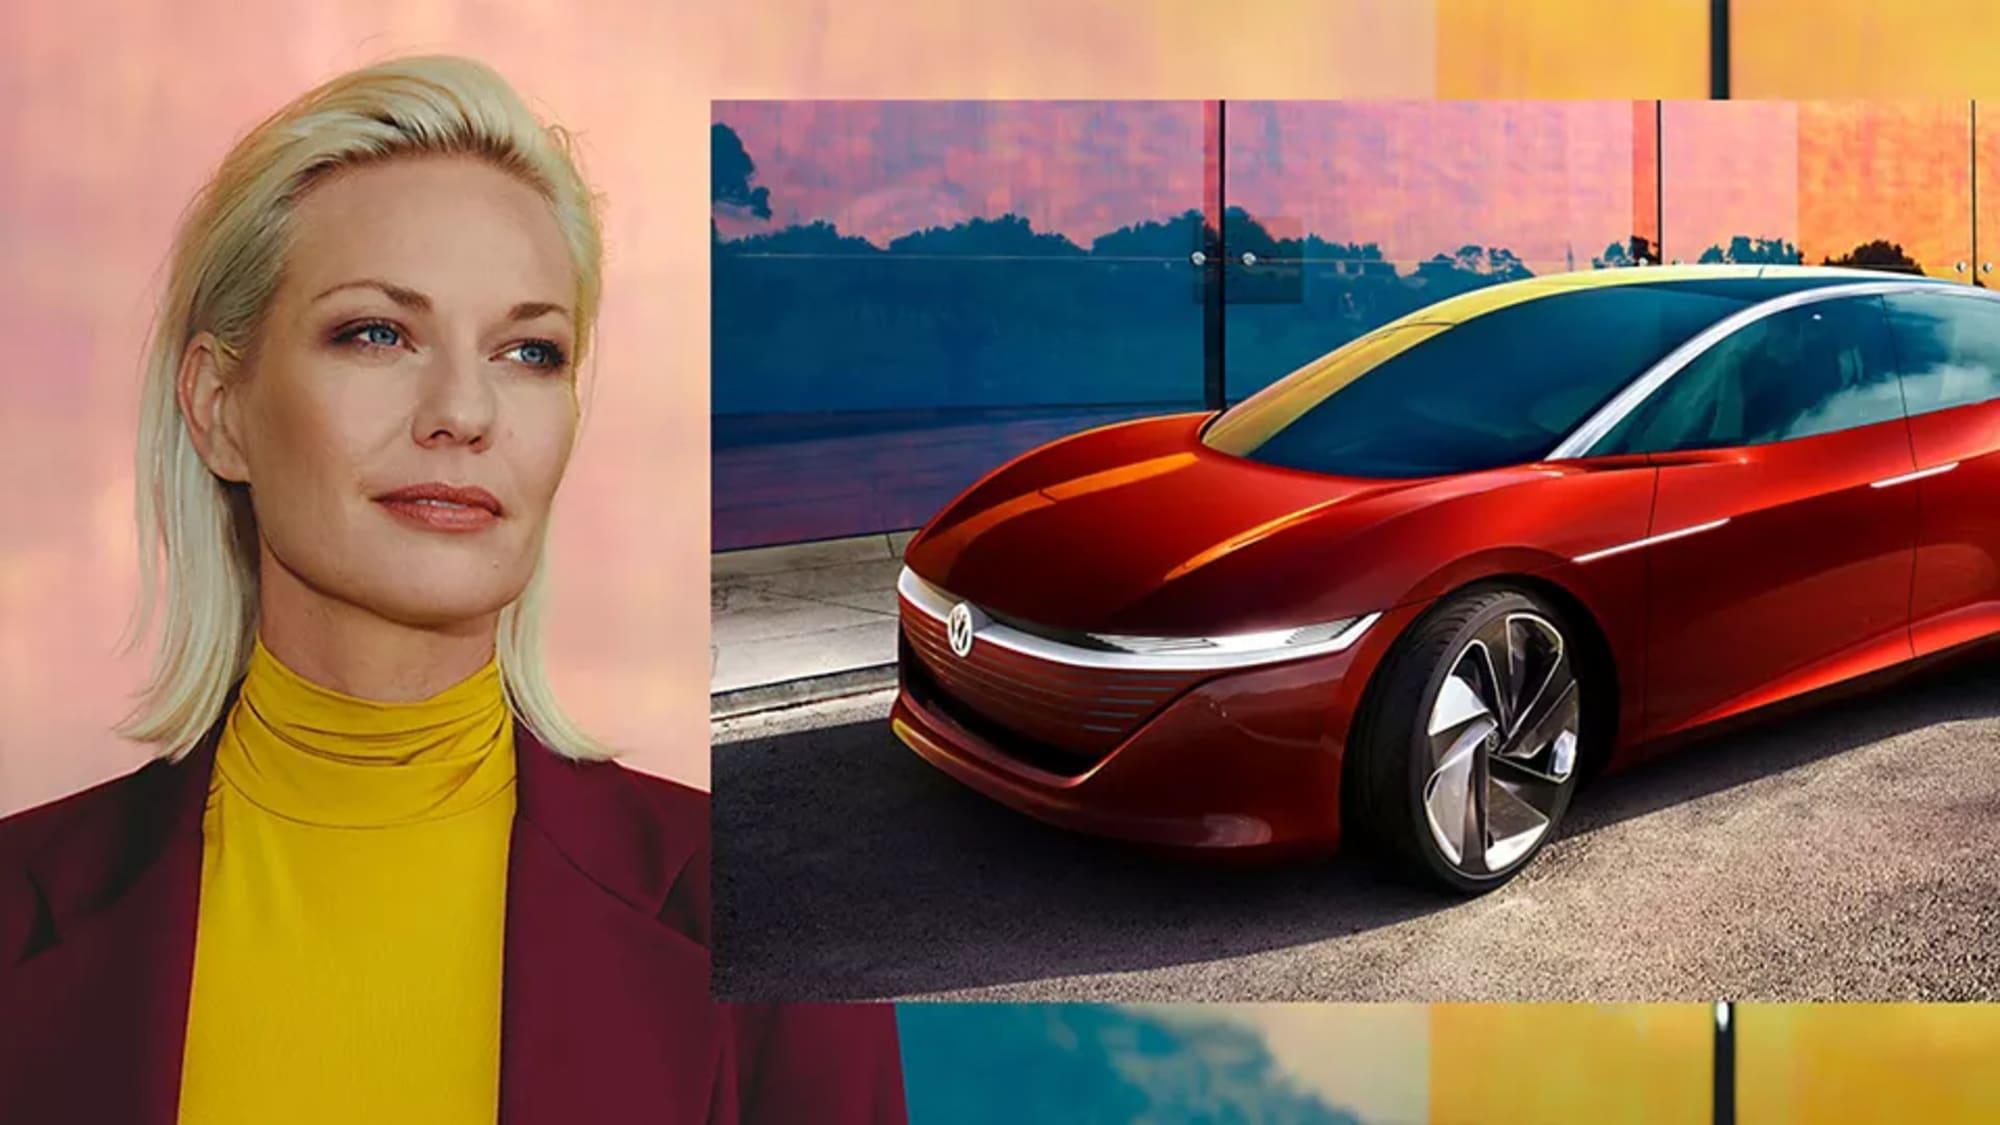 vw_ID-Volkswagen_16x9_1920x1080